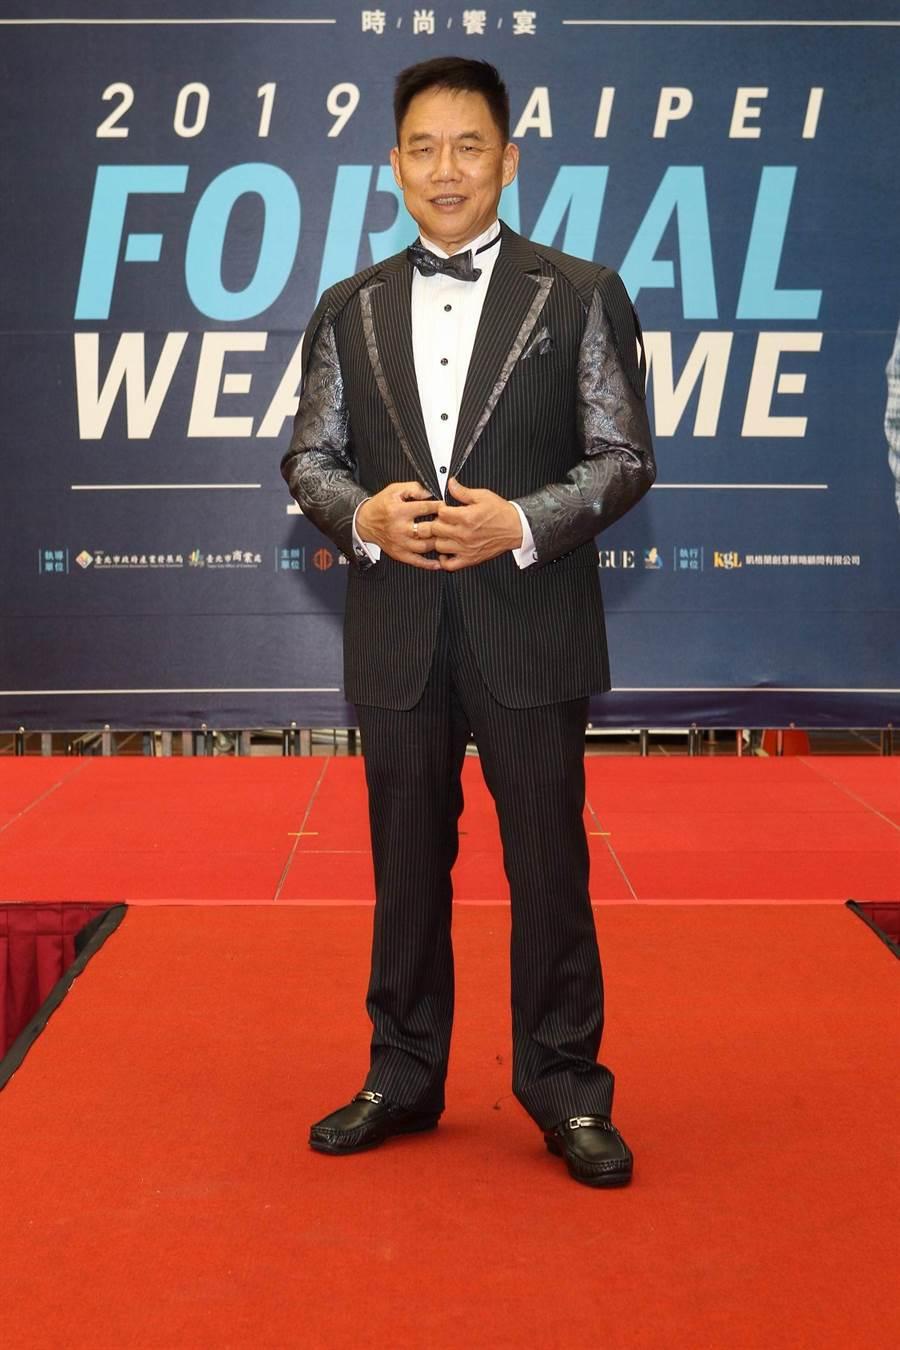 紳裝西服李萬進師傅身穿由紳裝西服獲得創意設計評比金首獎的作品(圖/凱格蘭提供)